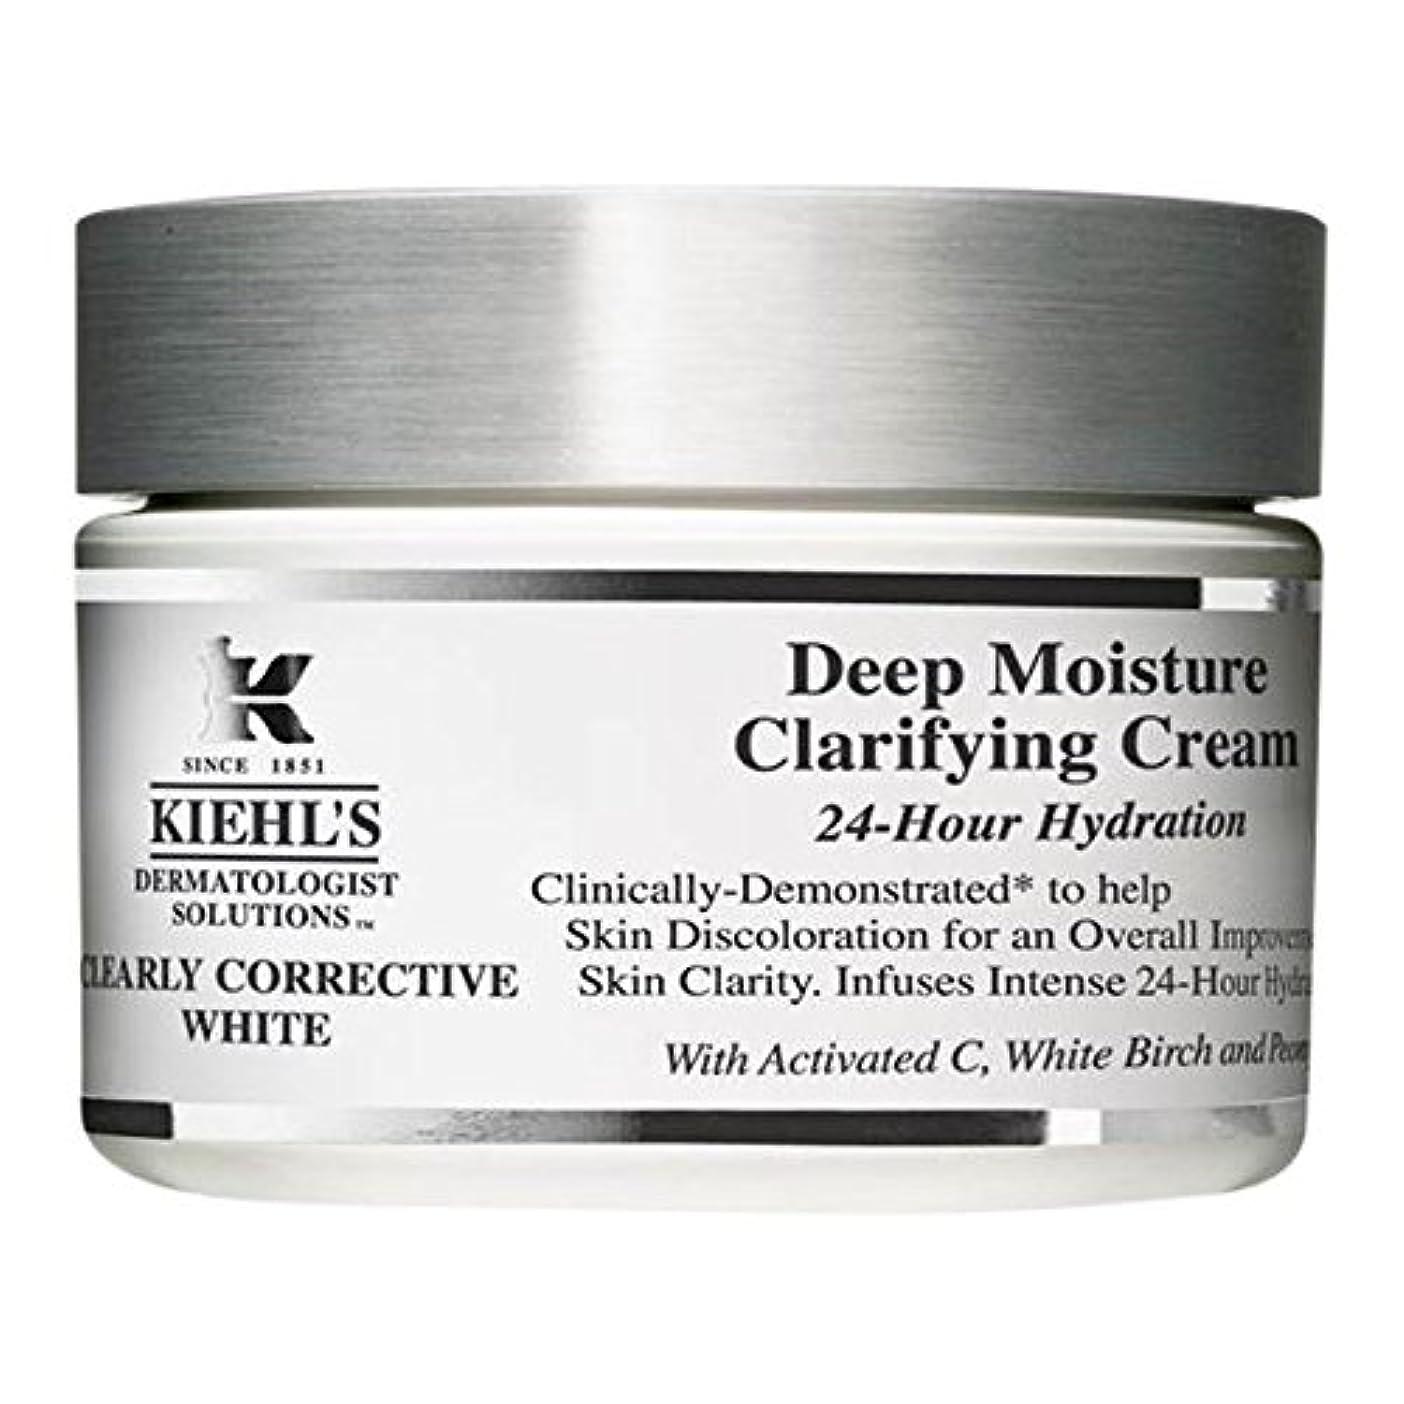 トチの実の木強化する必要[Kiehl's] キールズ明確に是正白深い水分清澄クリーム - Kiehl's Clearly Corrective White Deep Moisture Clarifying Cream [並行輸入品]